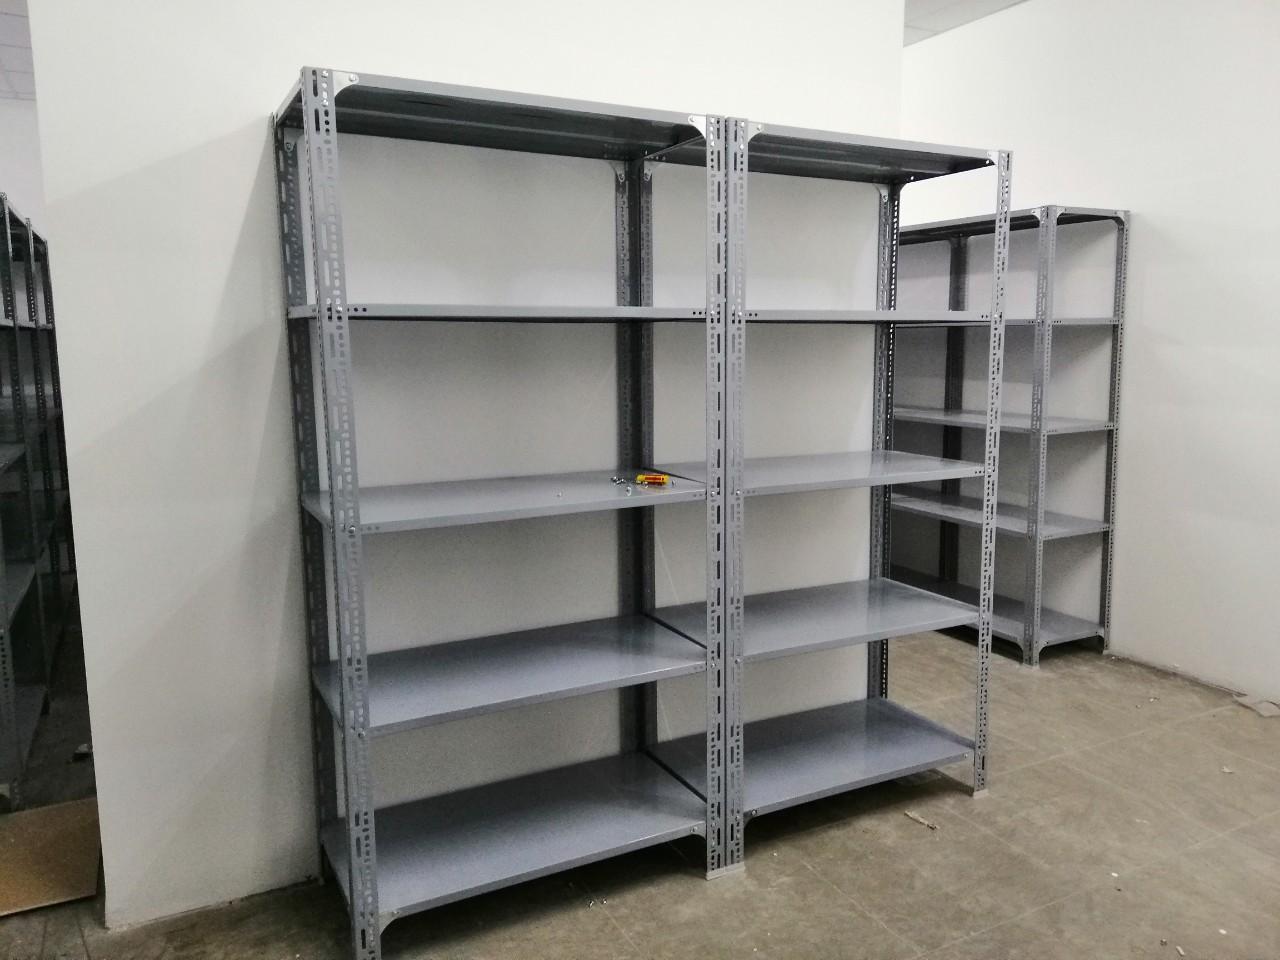 Thu mua kệ sắt V lỗ thanh lý tại TPHCM và cả nước